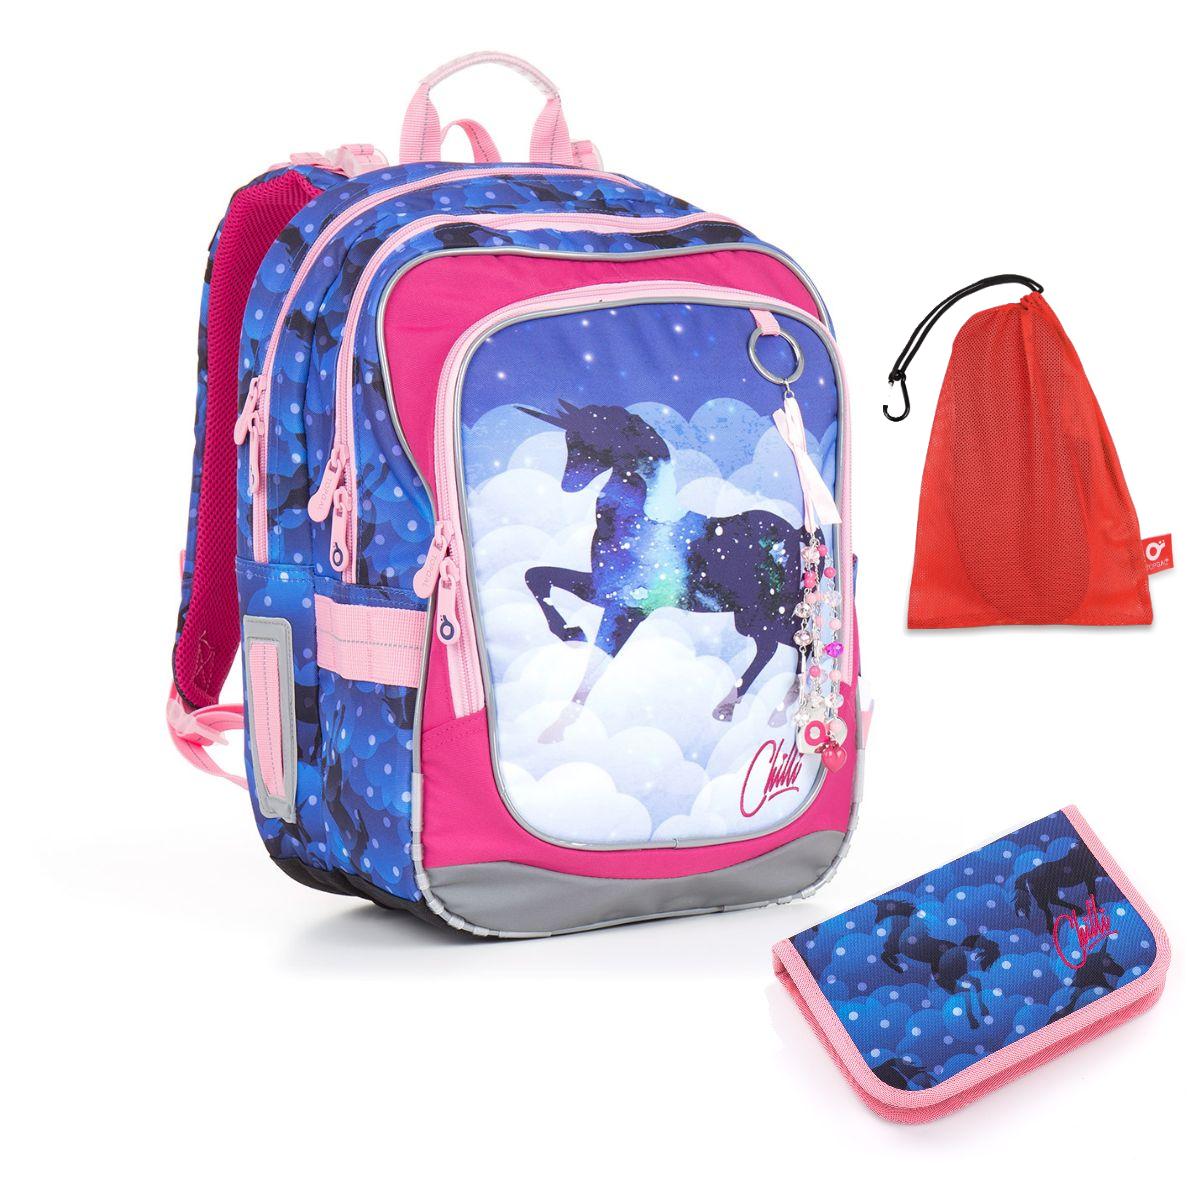 Topgal Sada pro školáka CHI 843 D SET MEDIUM batoh pouzdro sáček na cvičky